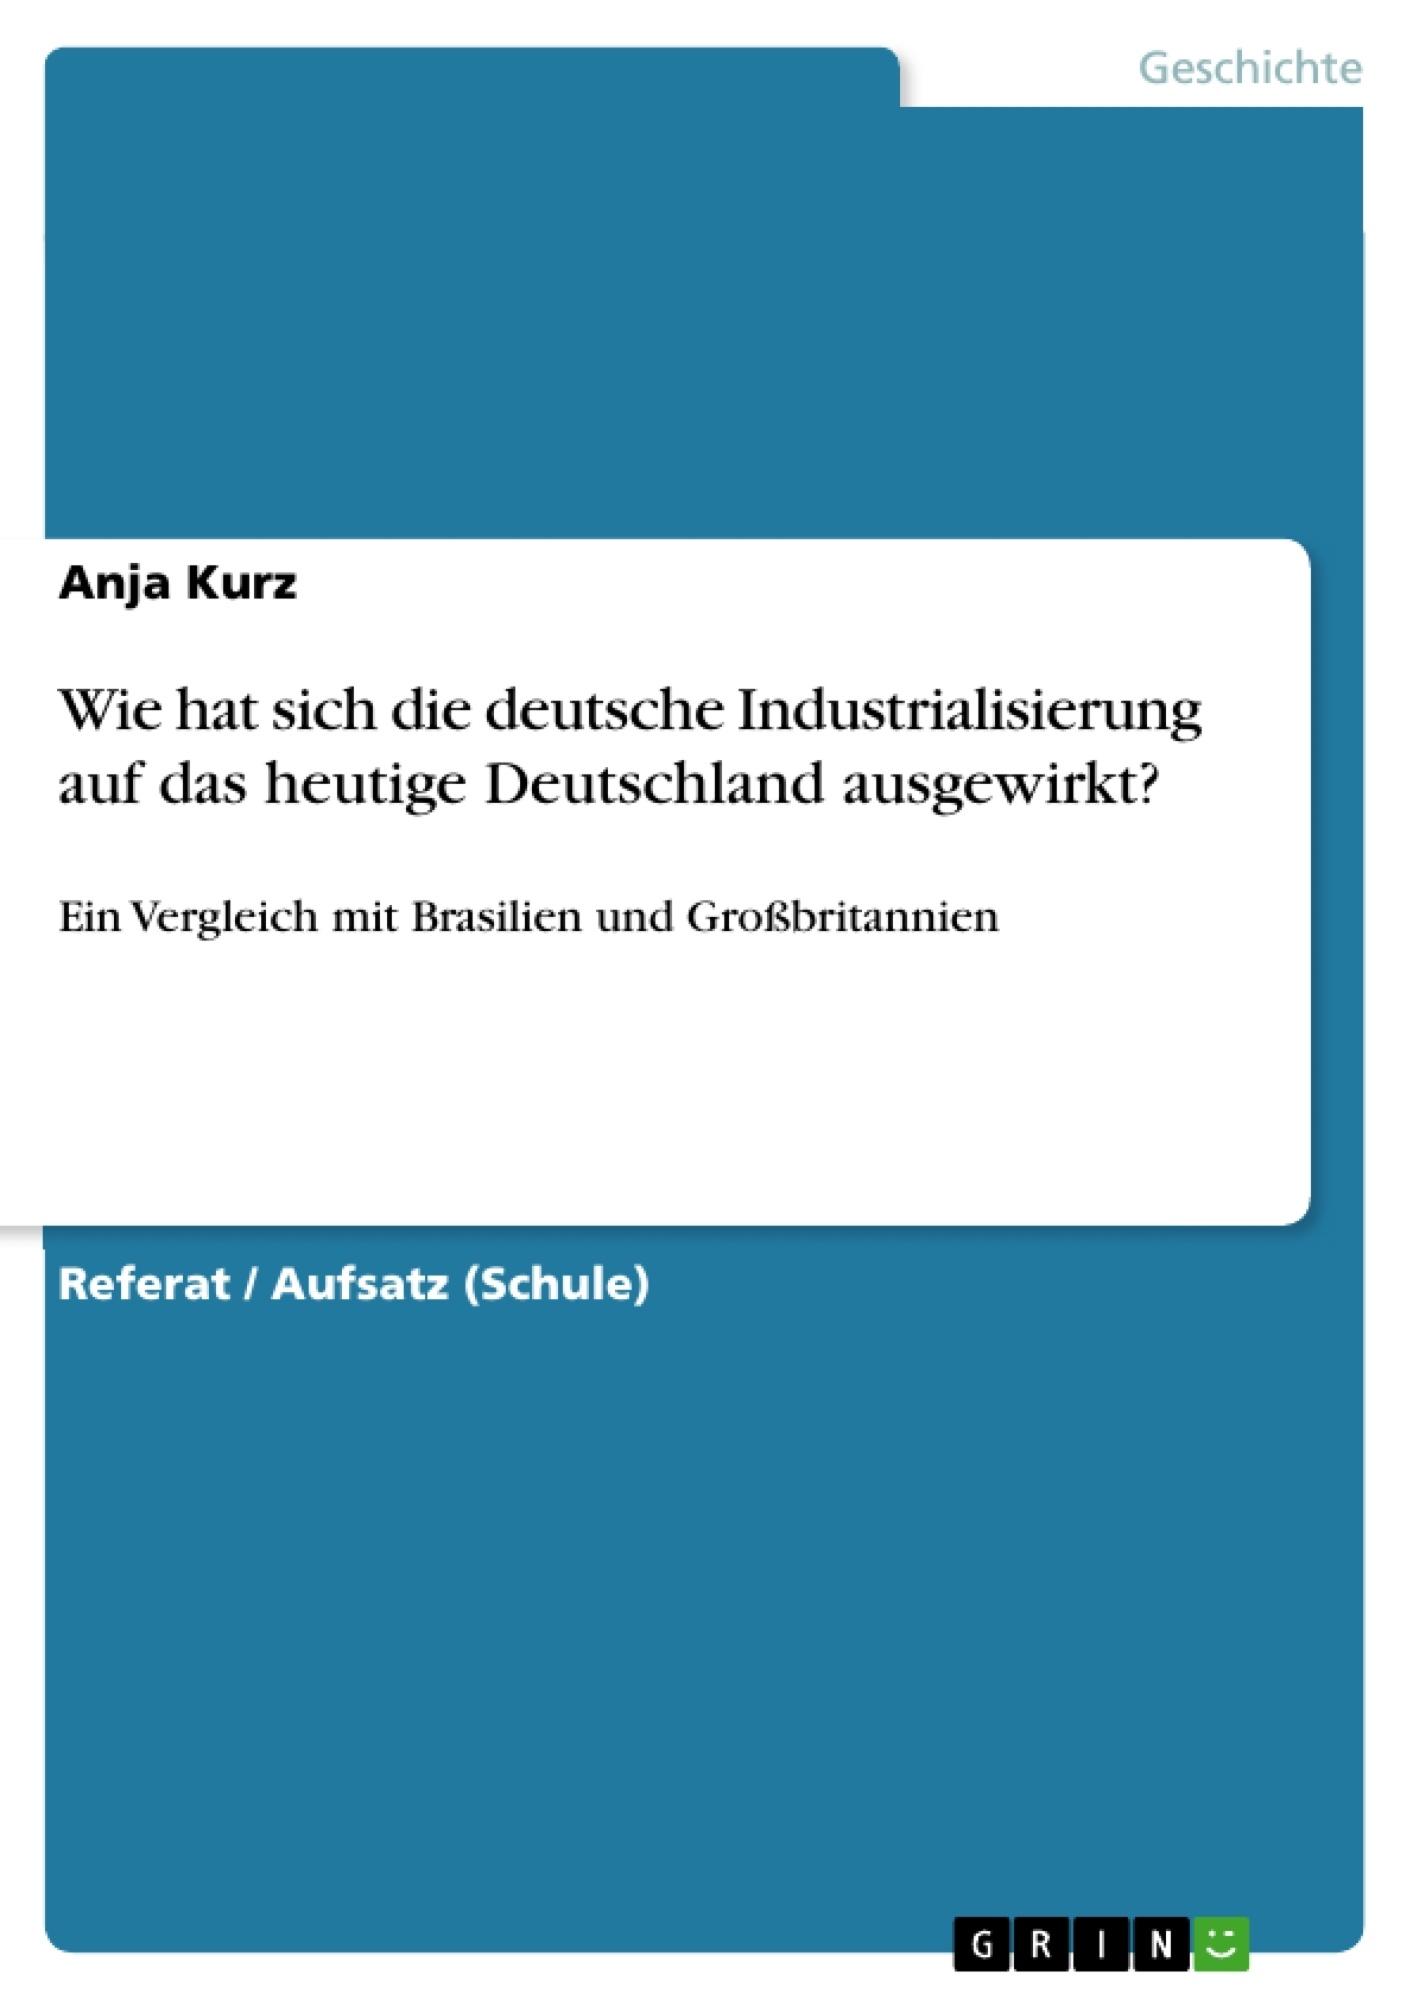 Titel: Wie hat sich die deutsche Industrialisierung auf das heutige Deutschland ausgewirkt?